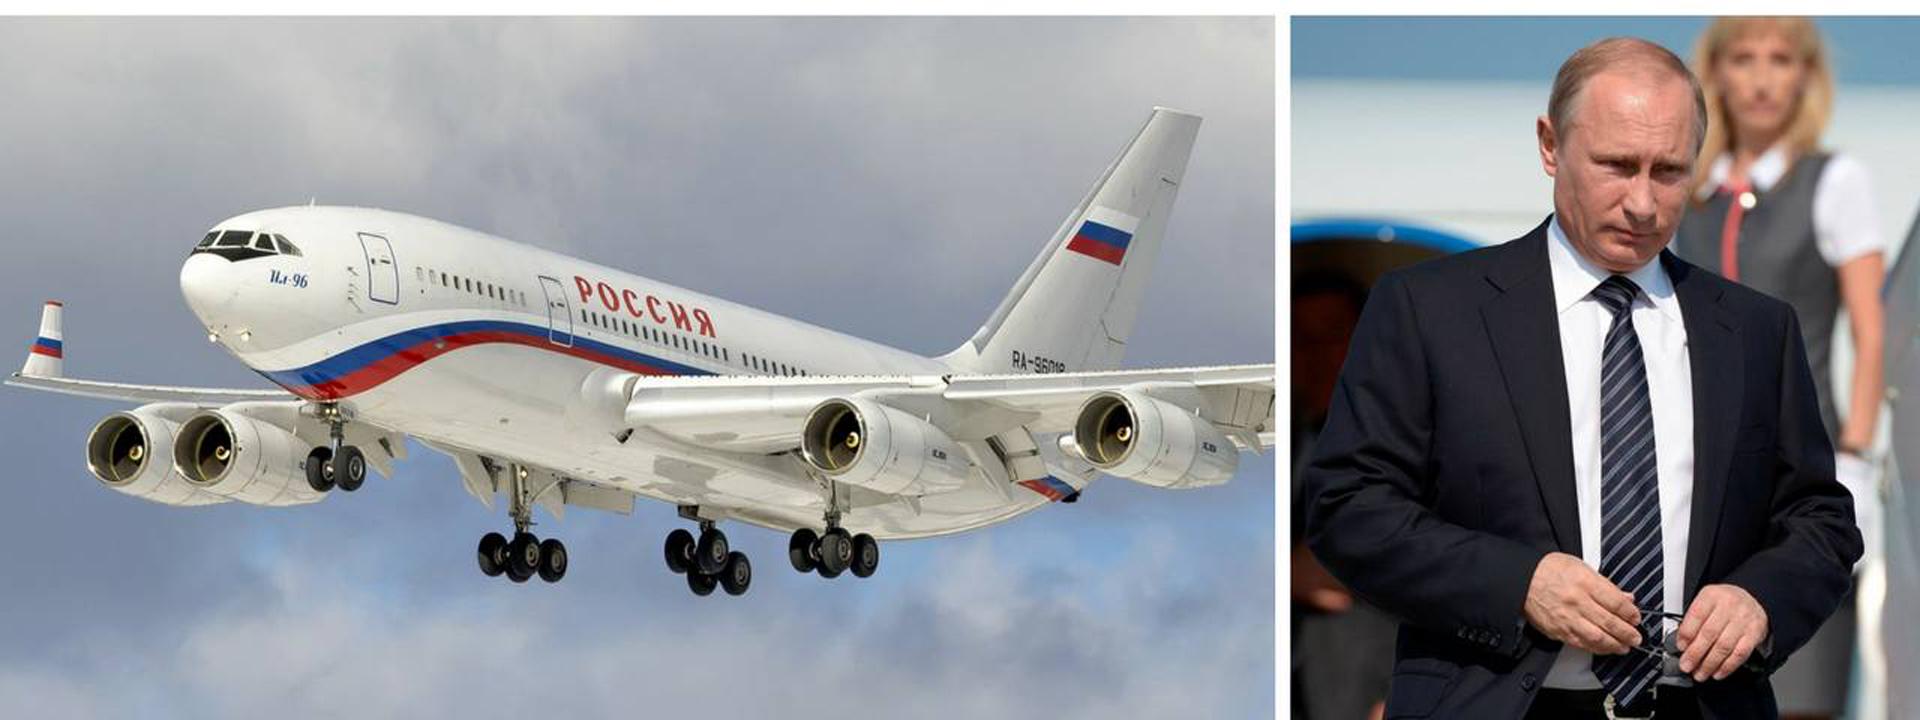 Putin, que ha estado en el poder desde 1999, ha utilizado ampliamente el Il-96 adaptado como transporte VIP.